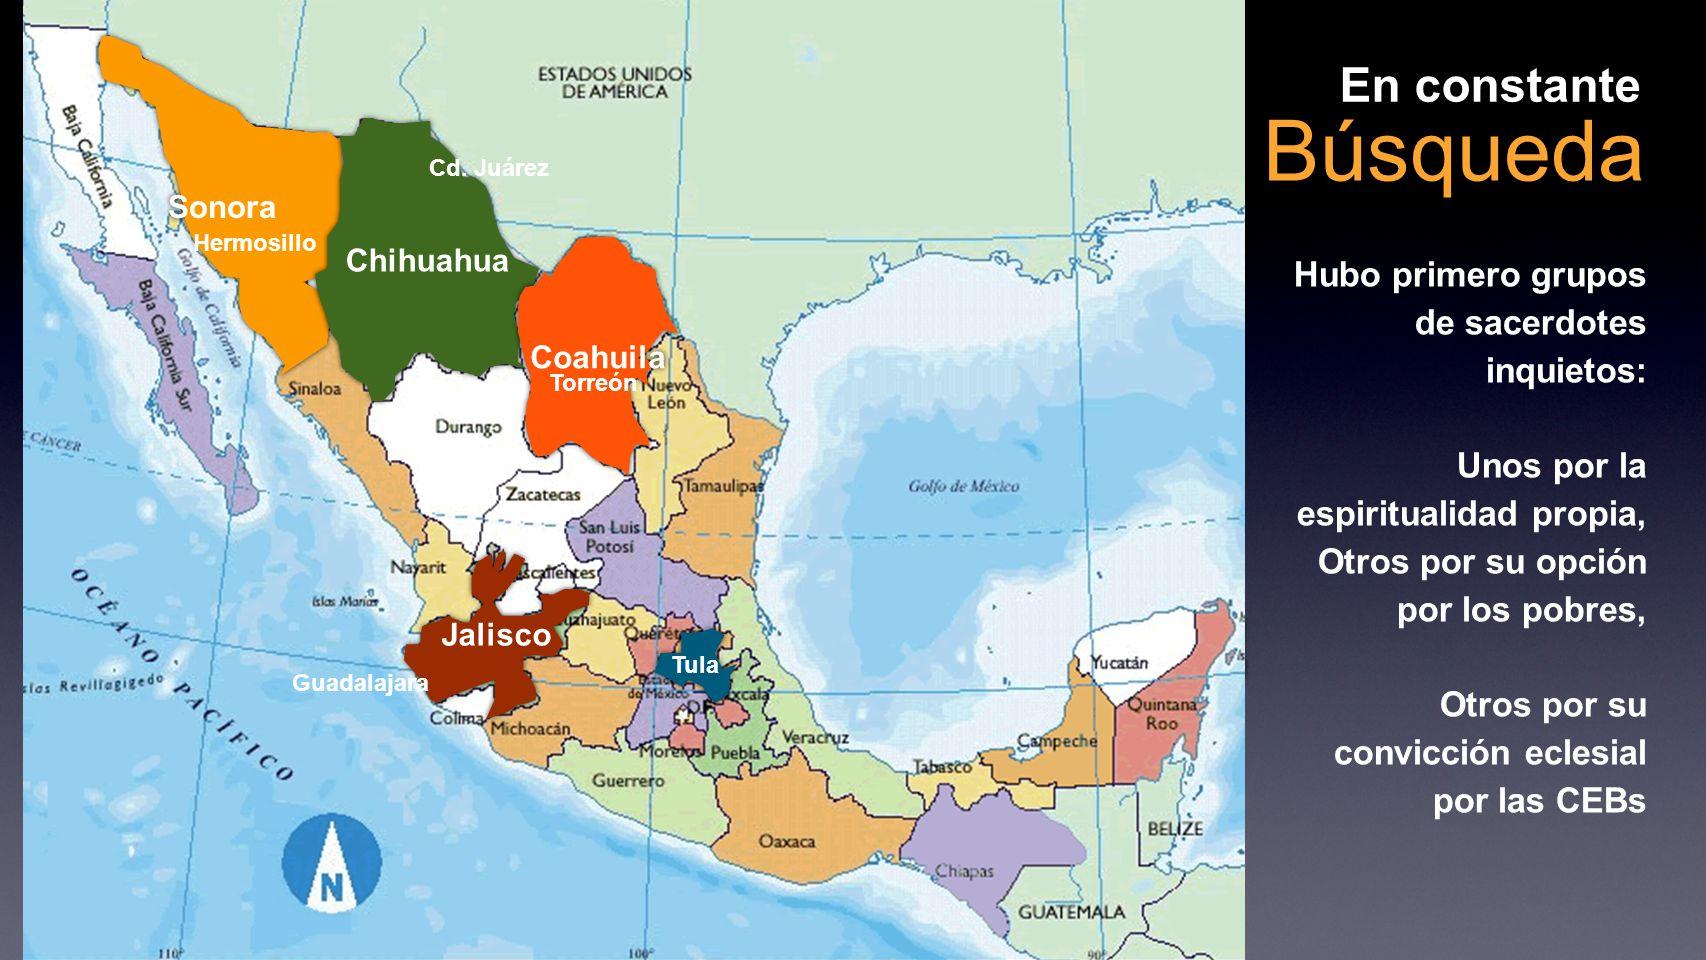 Búsqueda En constante Sonora Chihuahua Coahuila Jalisco Hubo primero grupos de sacerdotes inquietos: Unos por la espiritualidad propia, Otros por su o